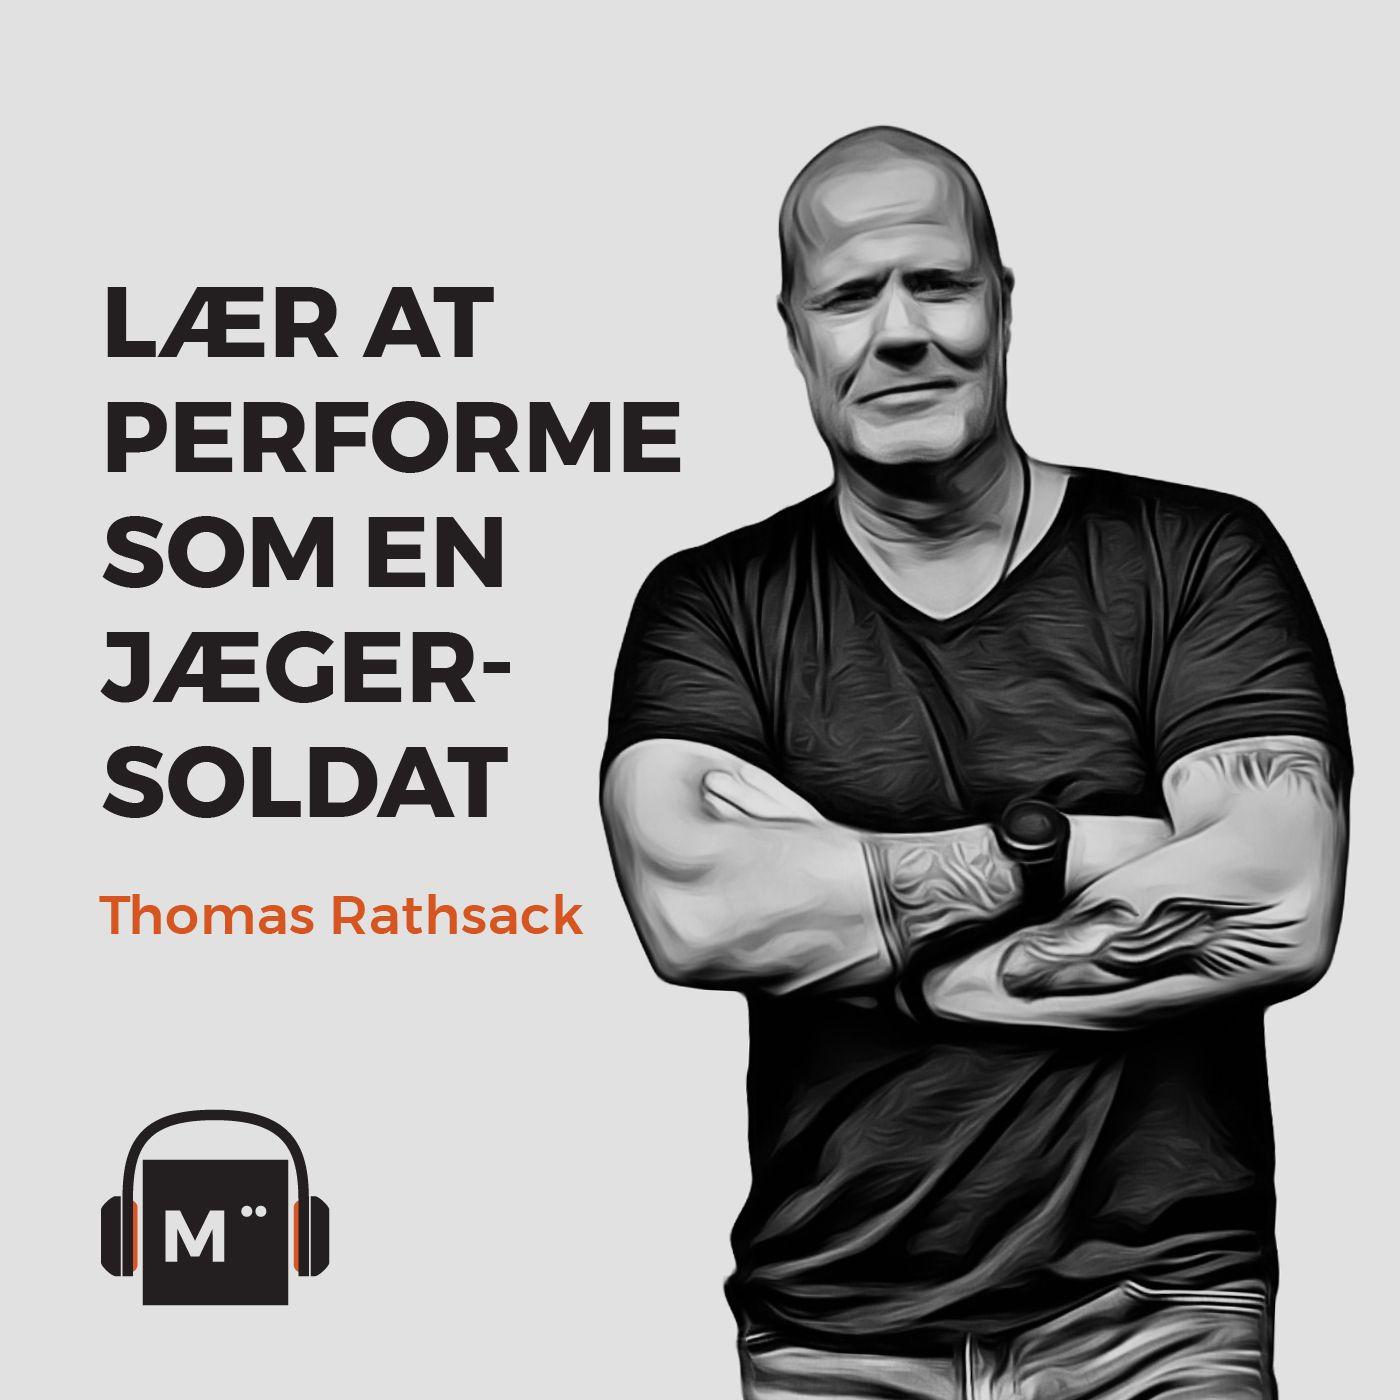 51. Lær at performe som en jægersoldat – med Thomas Rathsack